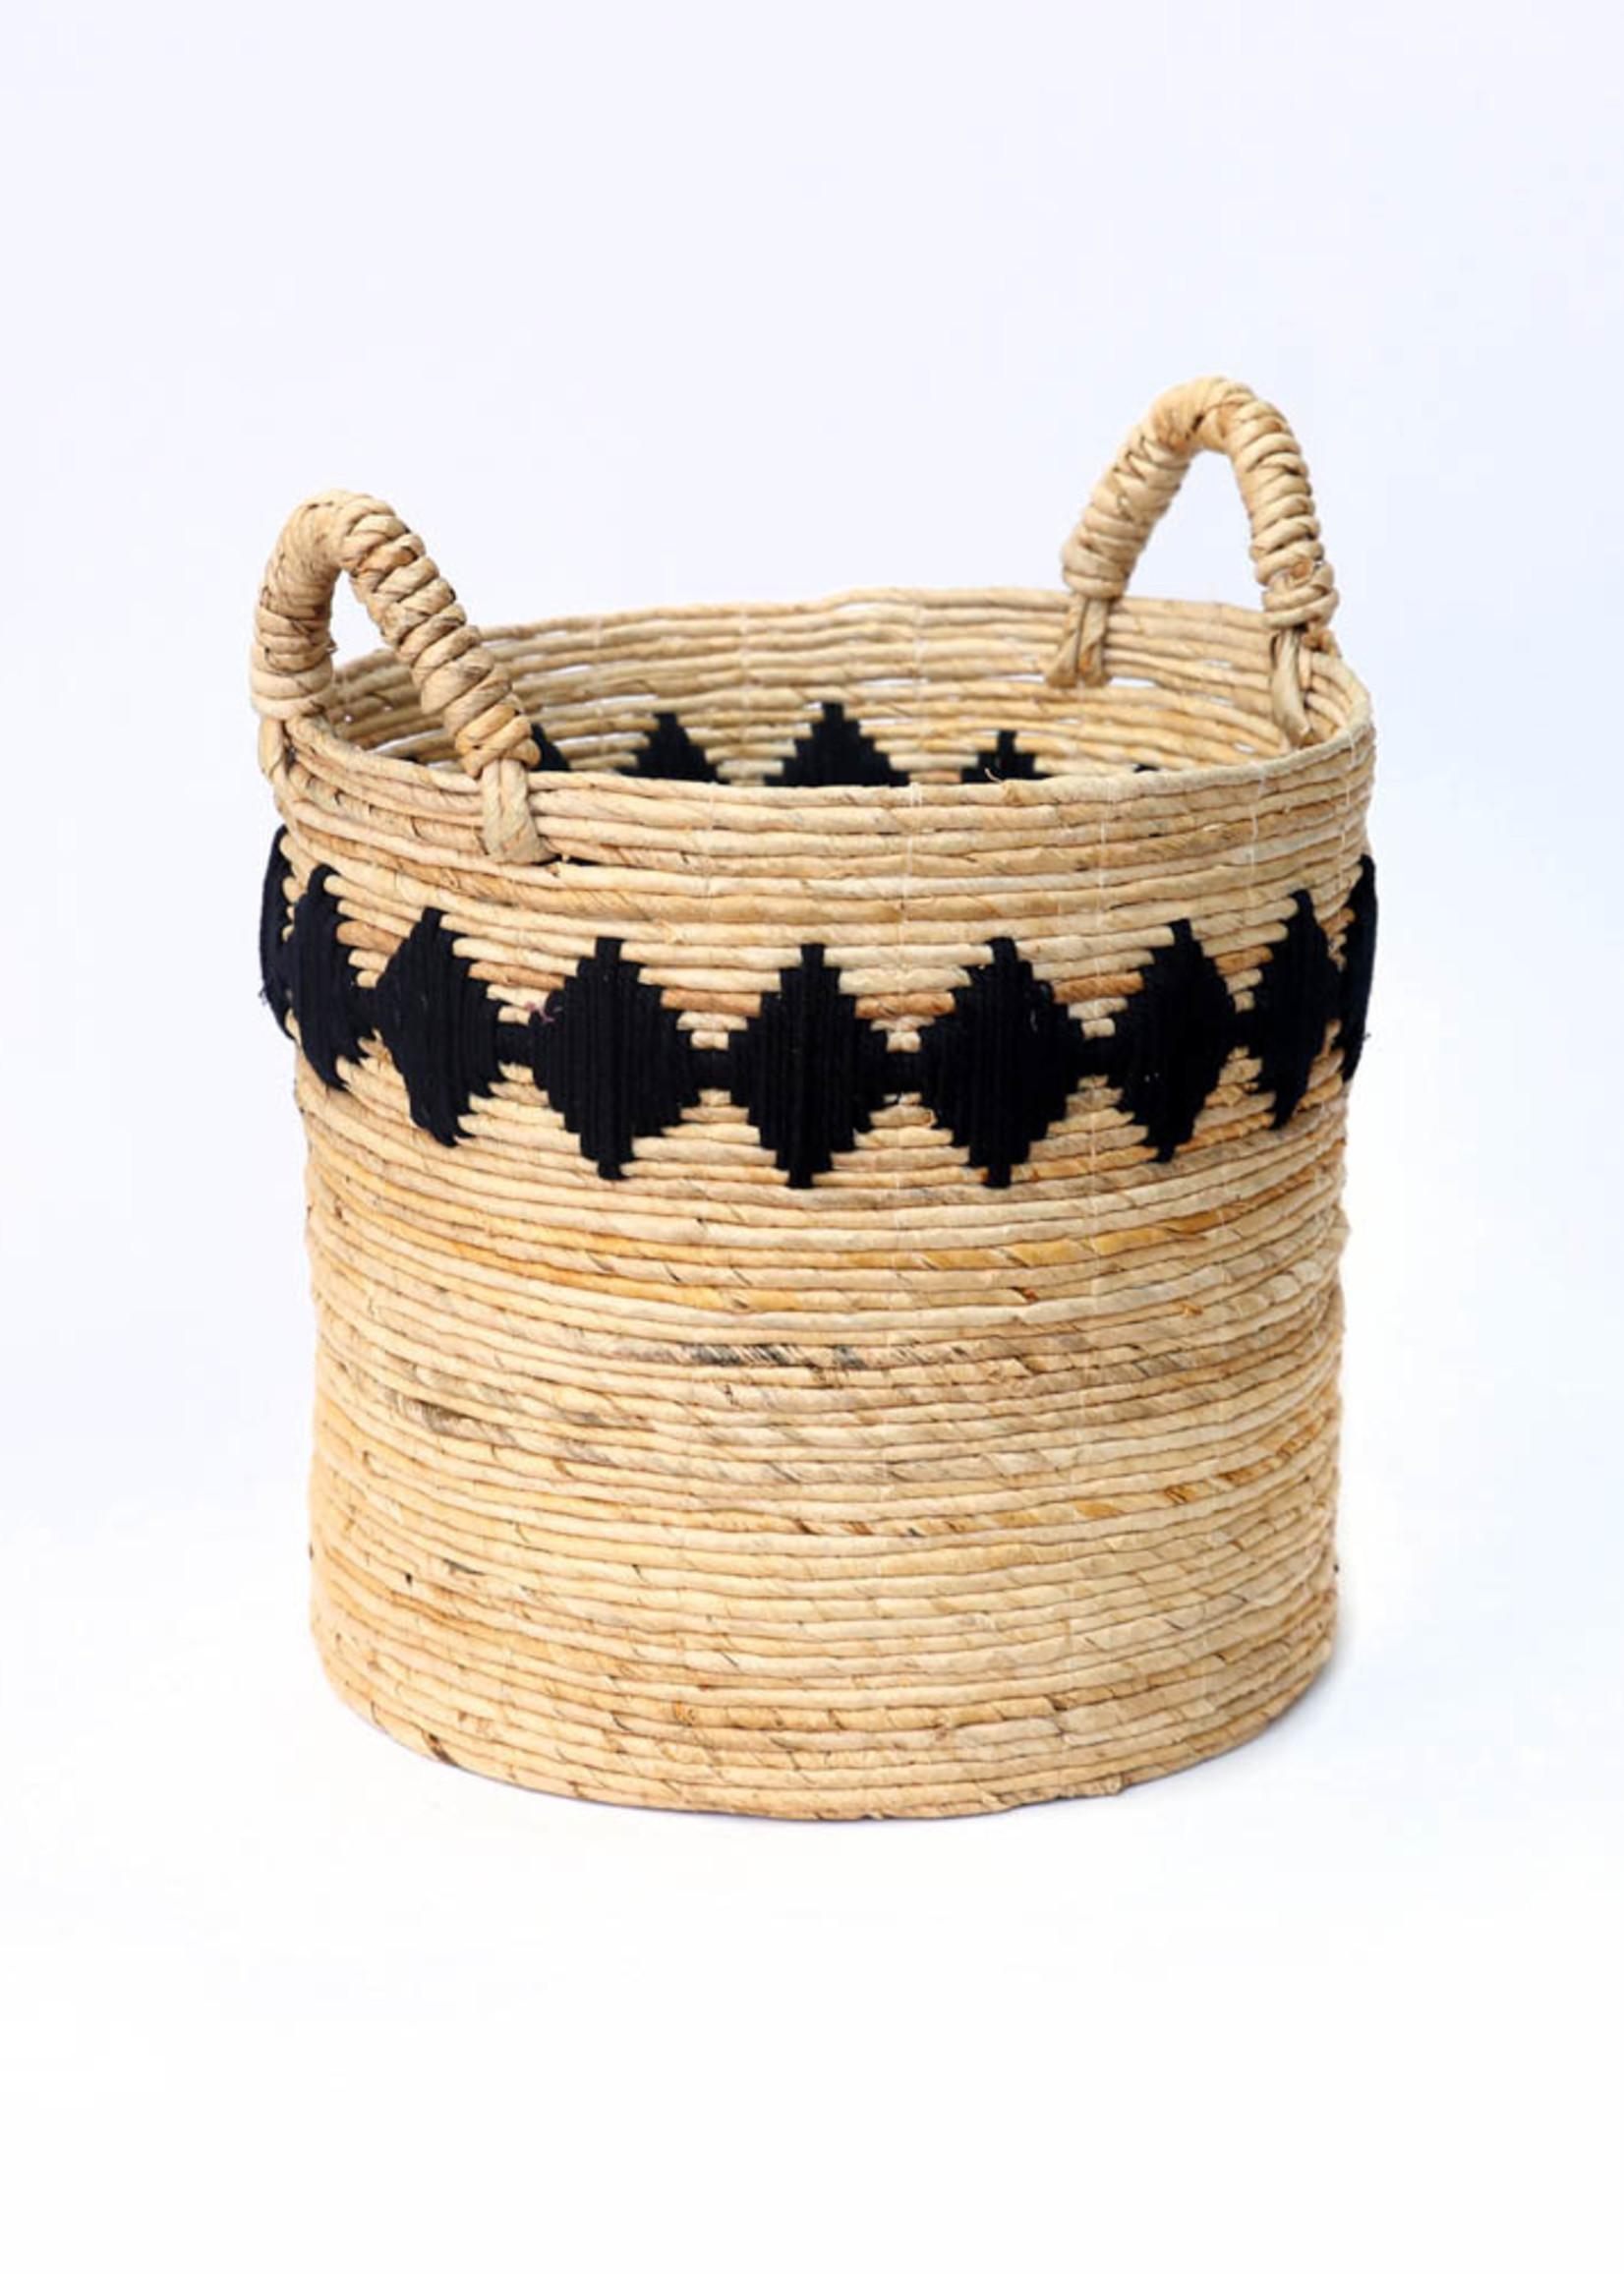 The Banana Stitched Baskets - Natural Black - Medium